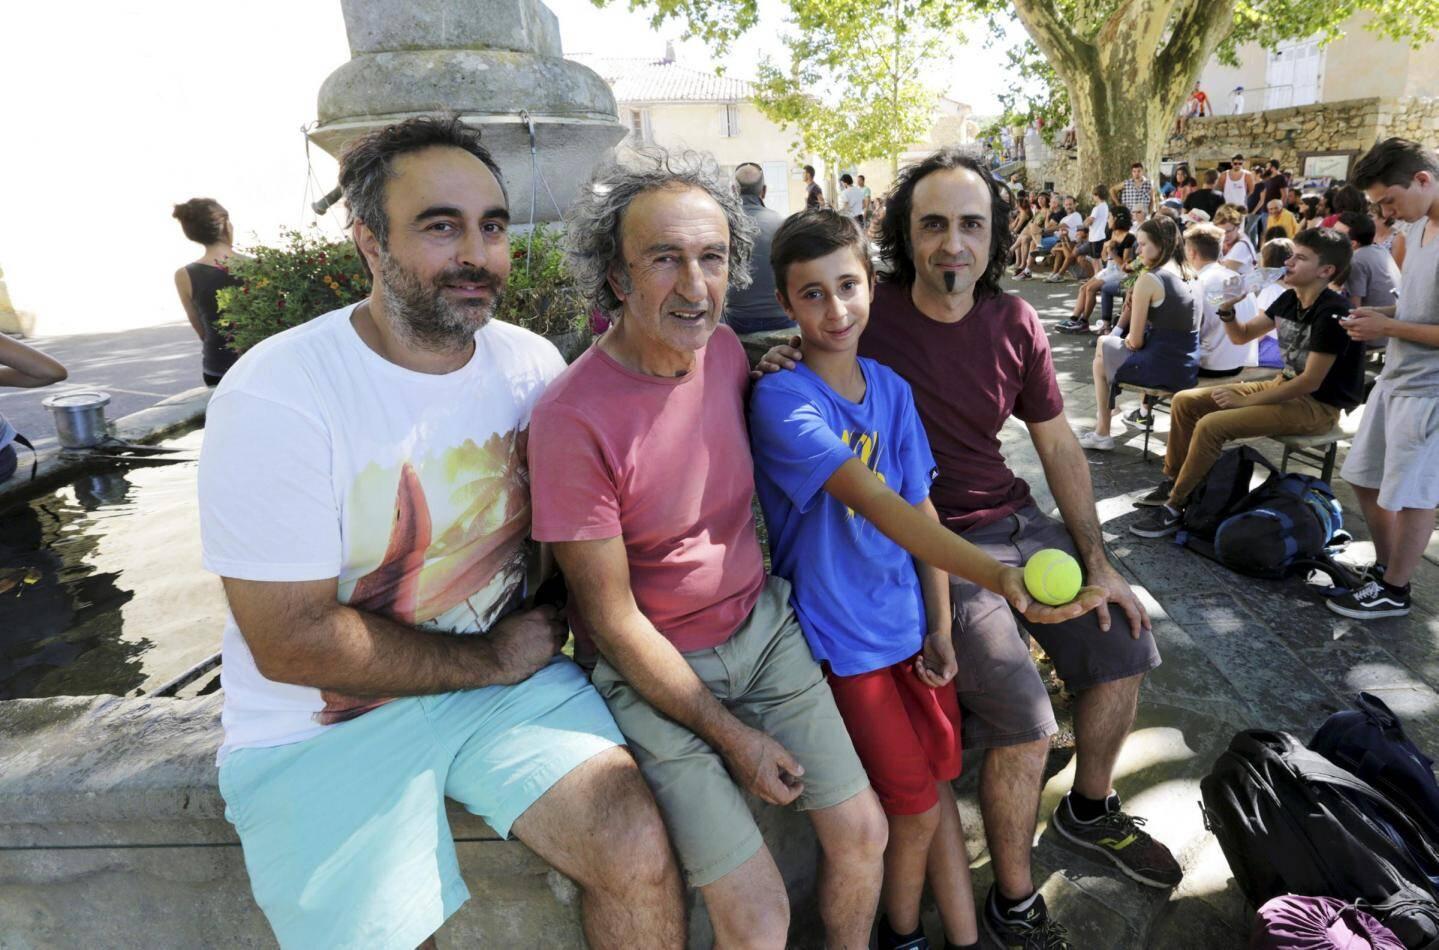 Dans la famille Bianchi, l'amour de la paume artignoscaise se transmet de père en fils.